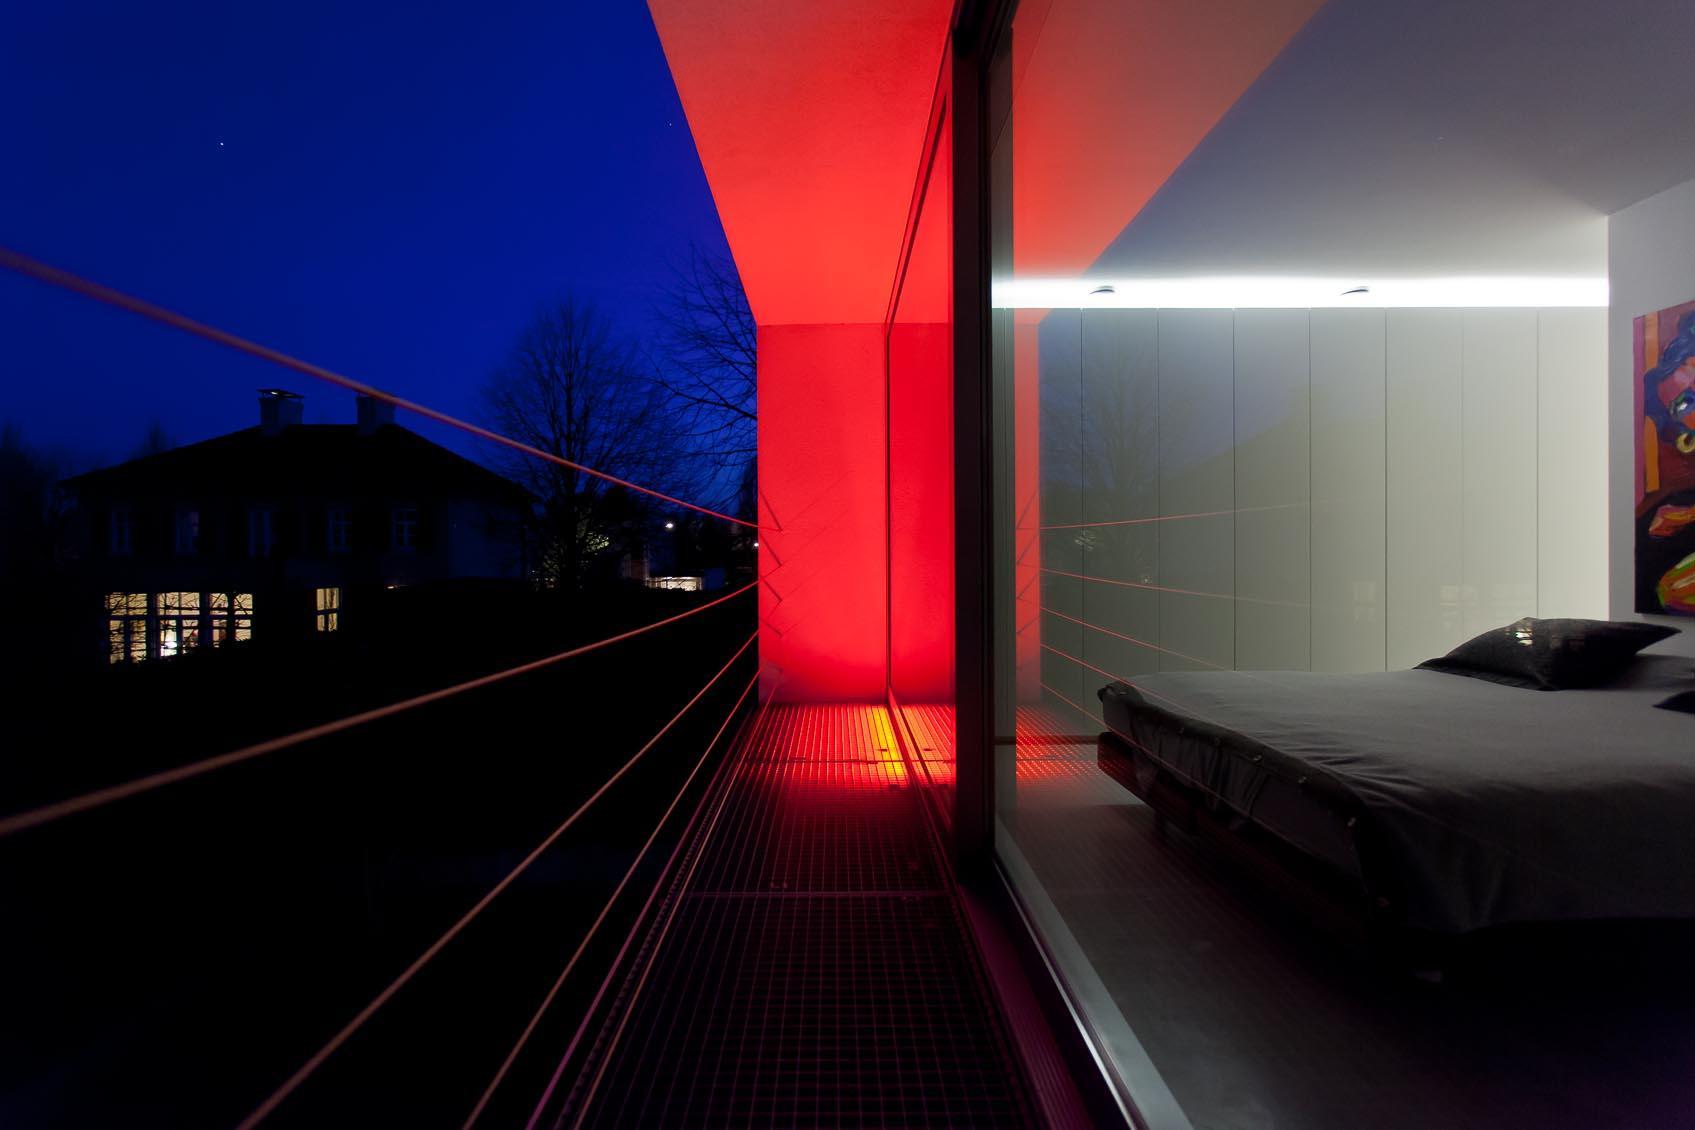 waterdichte TL met gekleurd licht